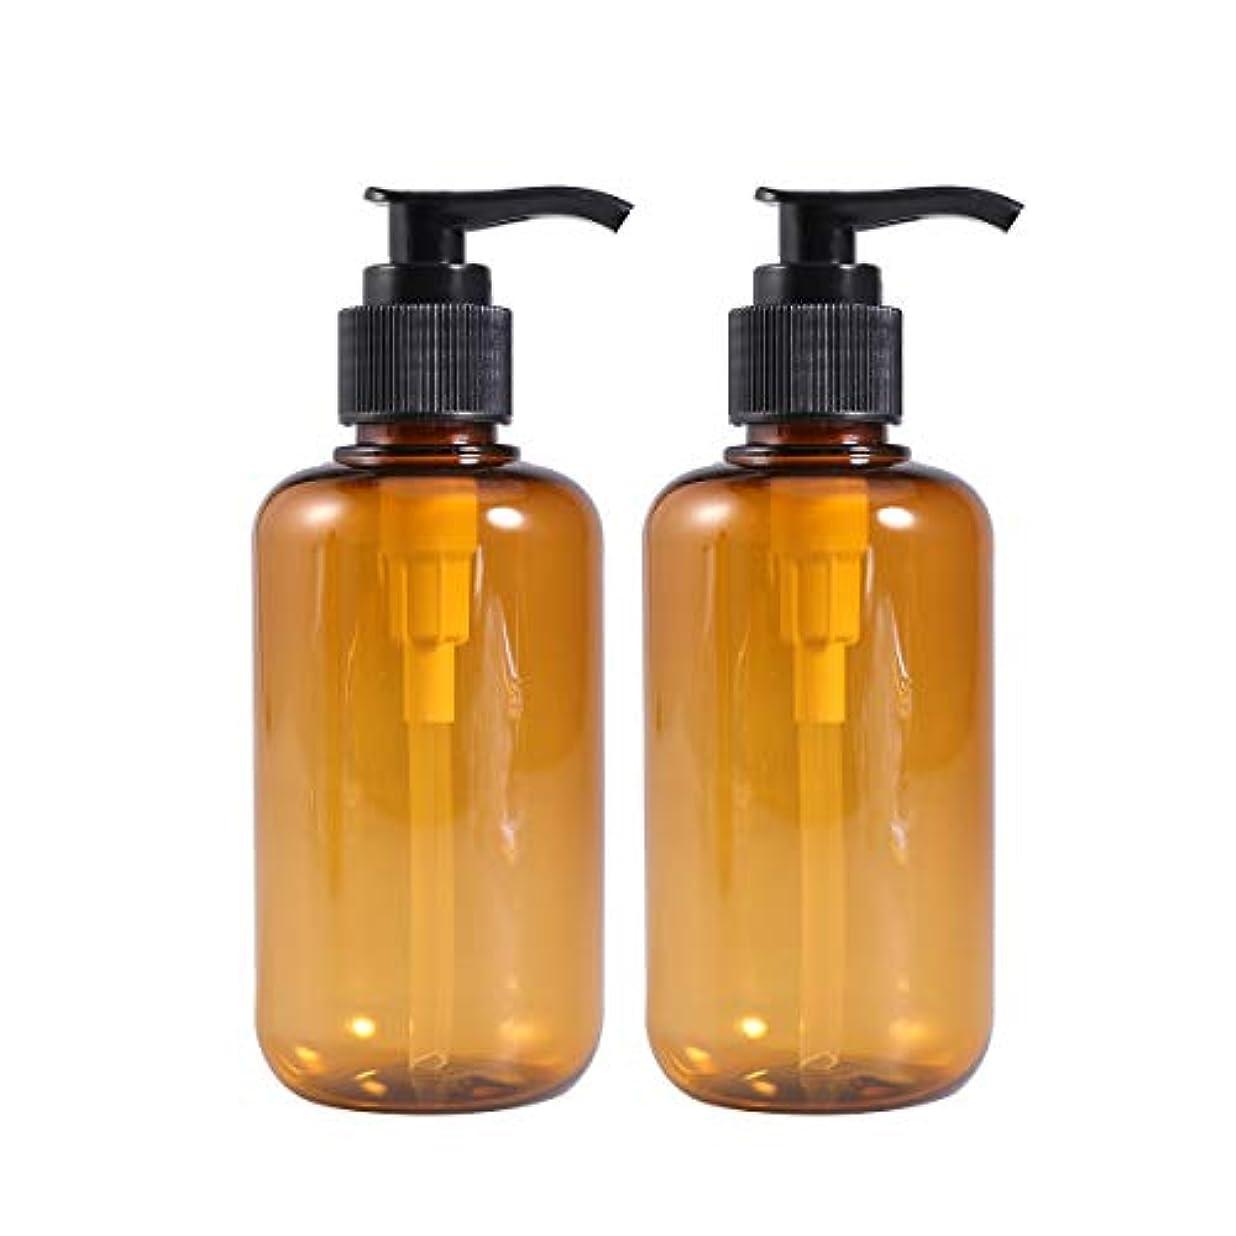 瞳購入敬礼Frcolor ポンプ瓶 ポンプボトル 200ml 遮光瓶 ドロップポンプ 詰め替えボトル シャンプーハンドソープ 茶色 PET製 2本セット